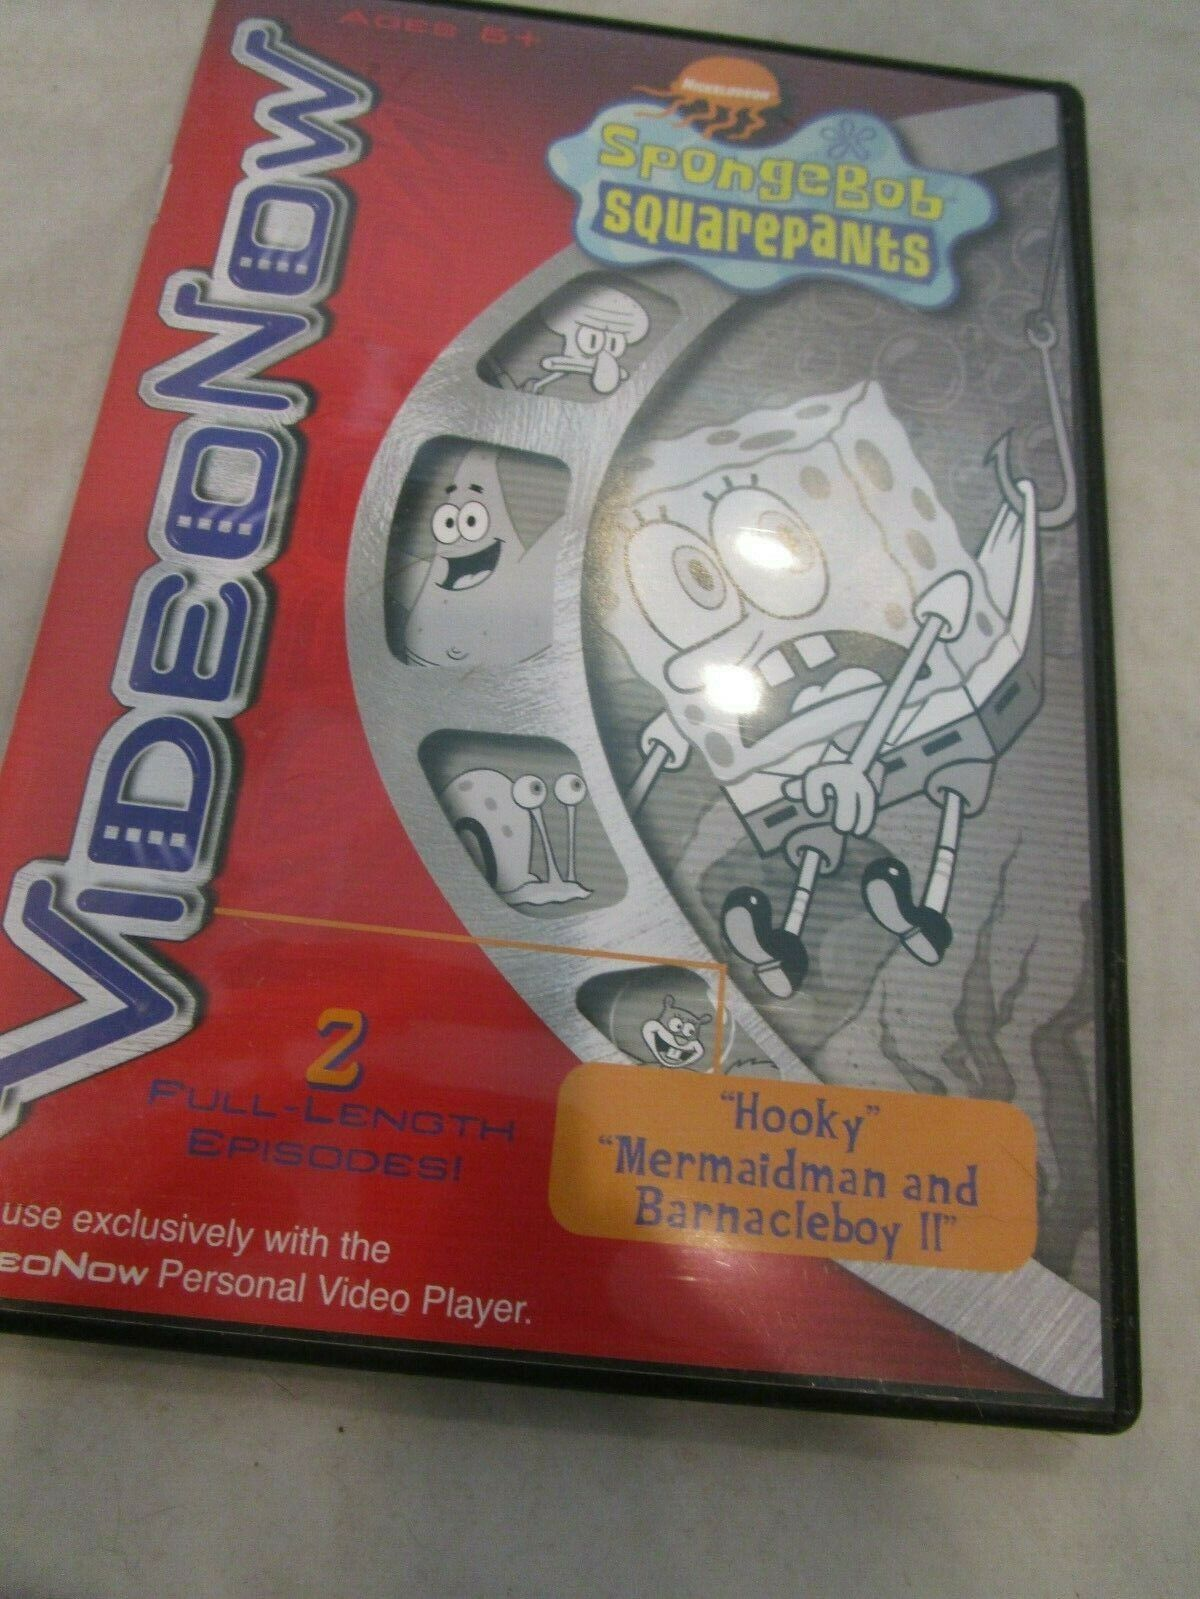 VideoNow Video Now Spongebob Squarepants Hooky & Mermaidman and Barnacleboy IT - $9.99